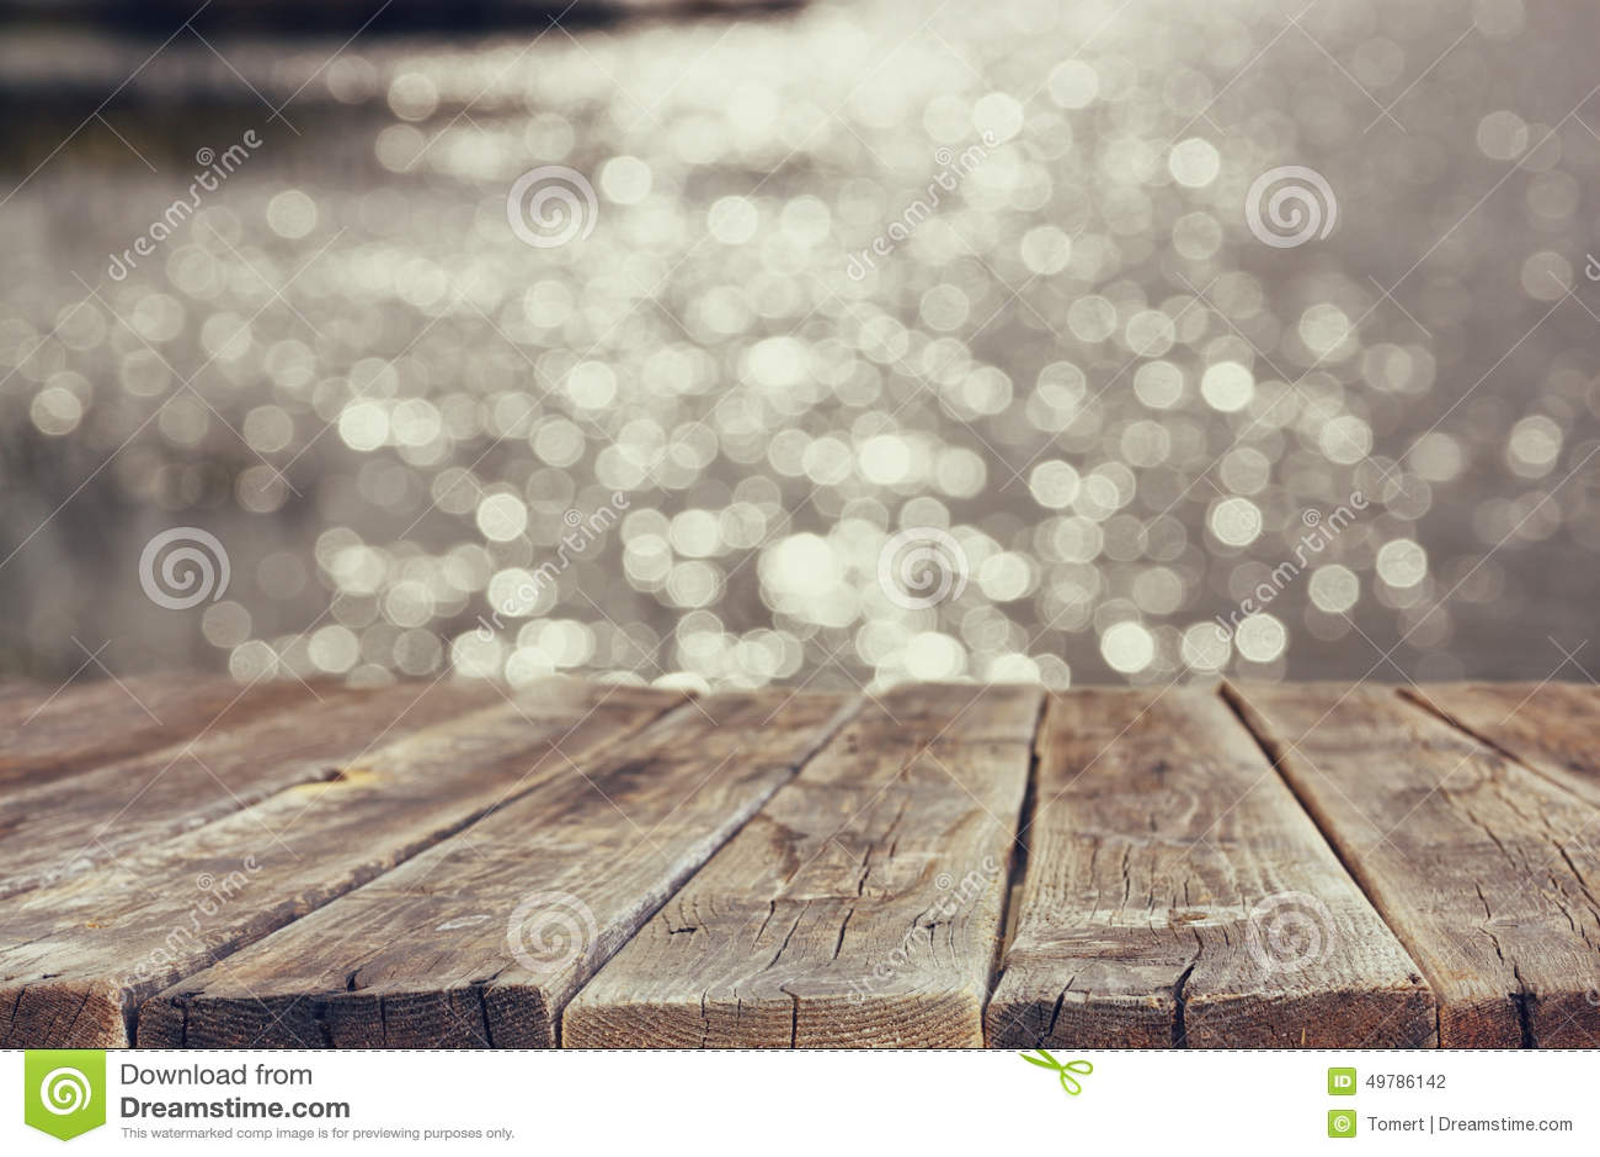 Drewno deski stół przed lato krajobrazem iskrzasta jezioro woda Tło zamazuje